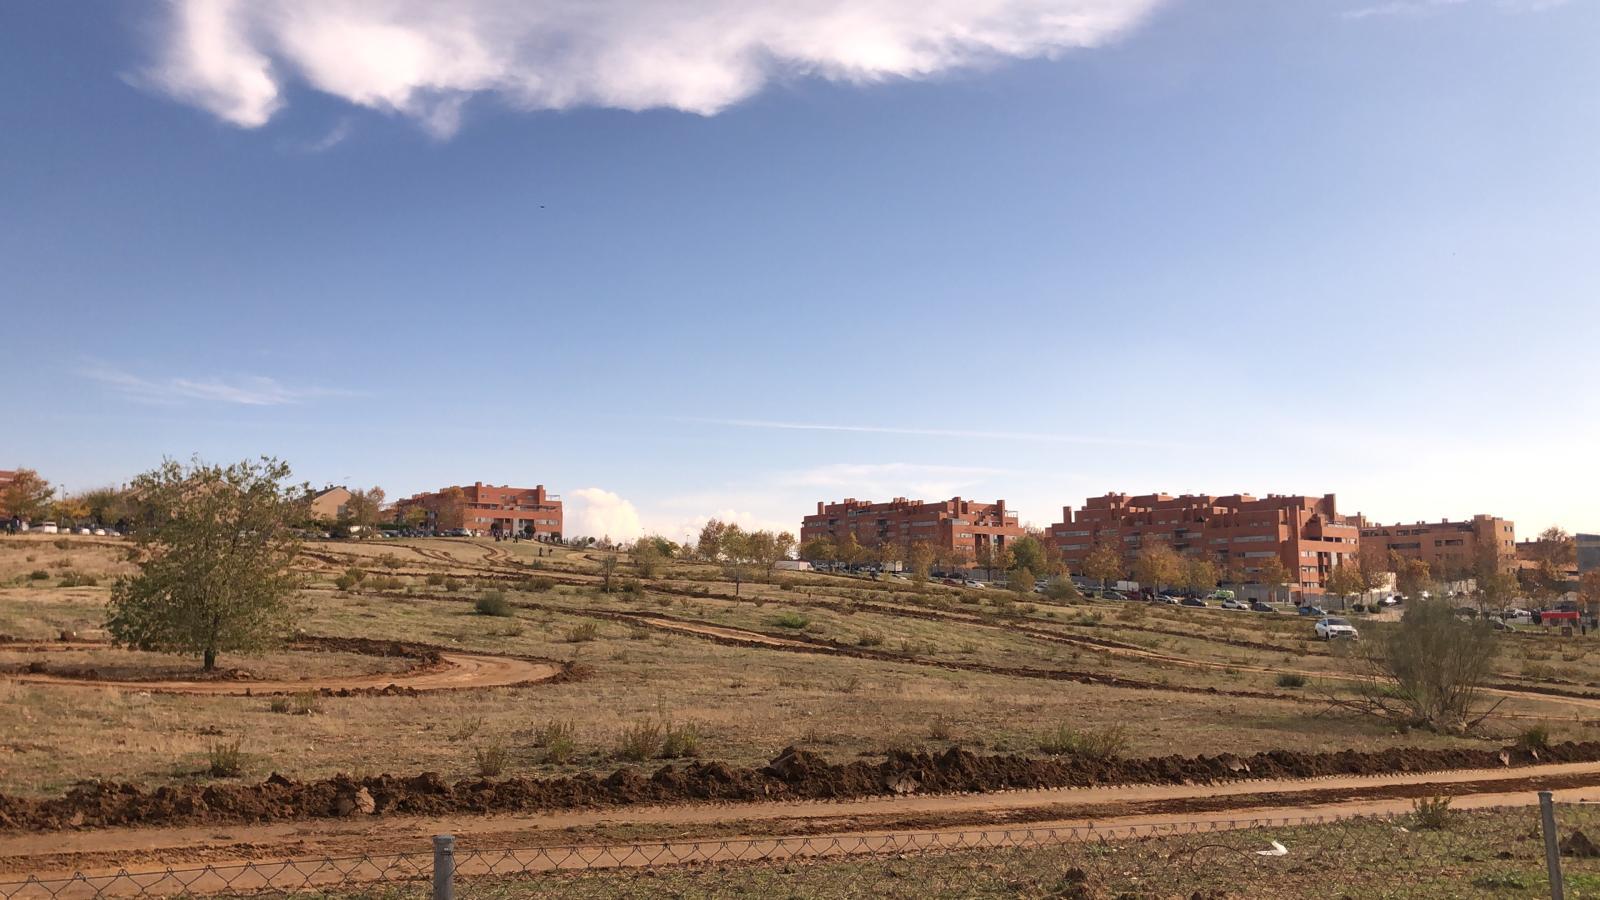 SCER + CERT: Rallye de Tierra de Madrid [13-14 Noviembre] - Página 2 EmtUVpfXIAAeh6d?format=jpg&name=large